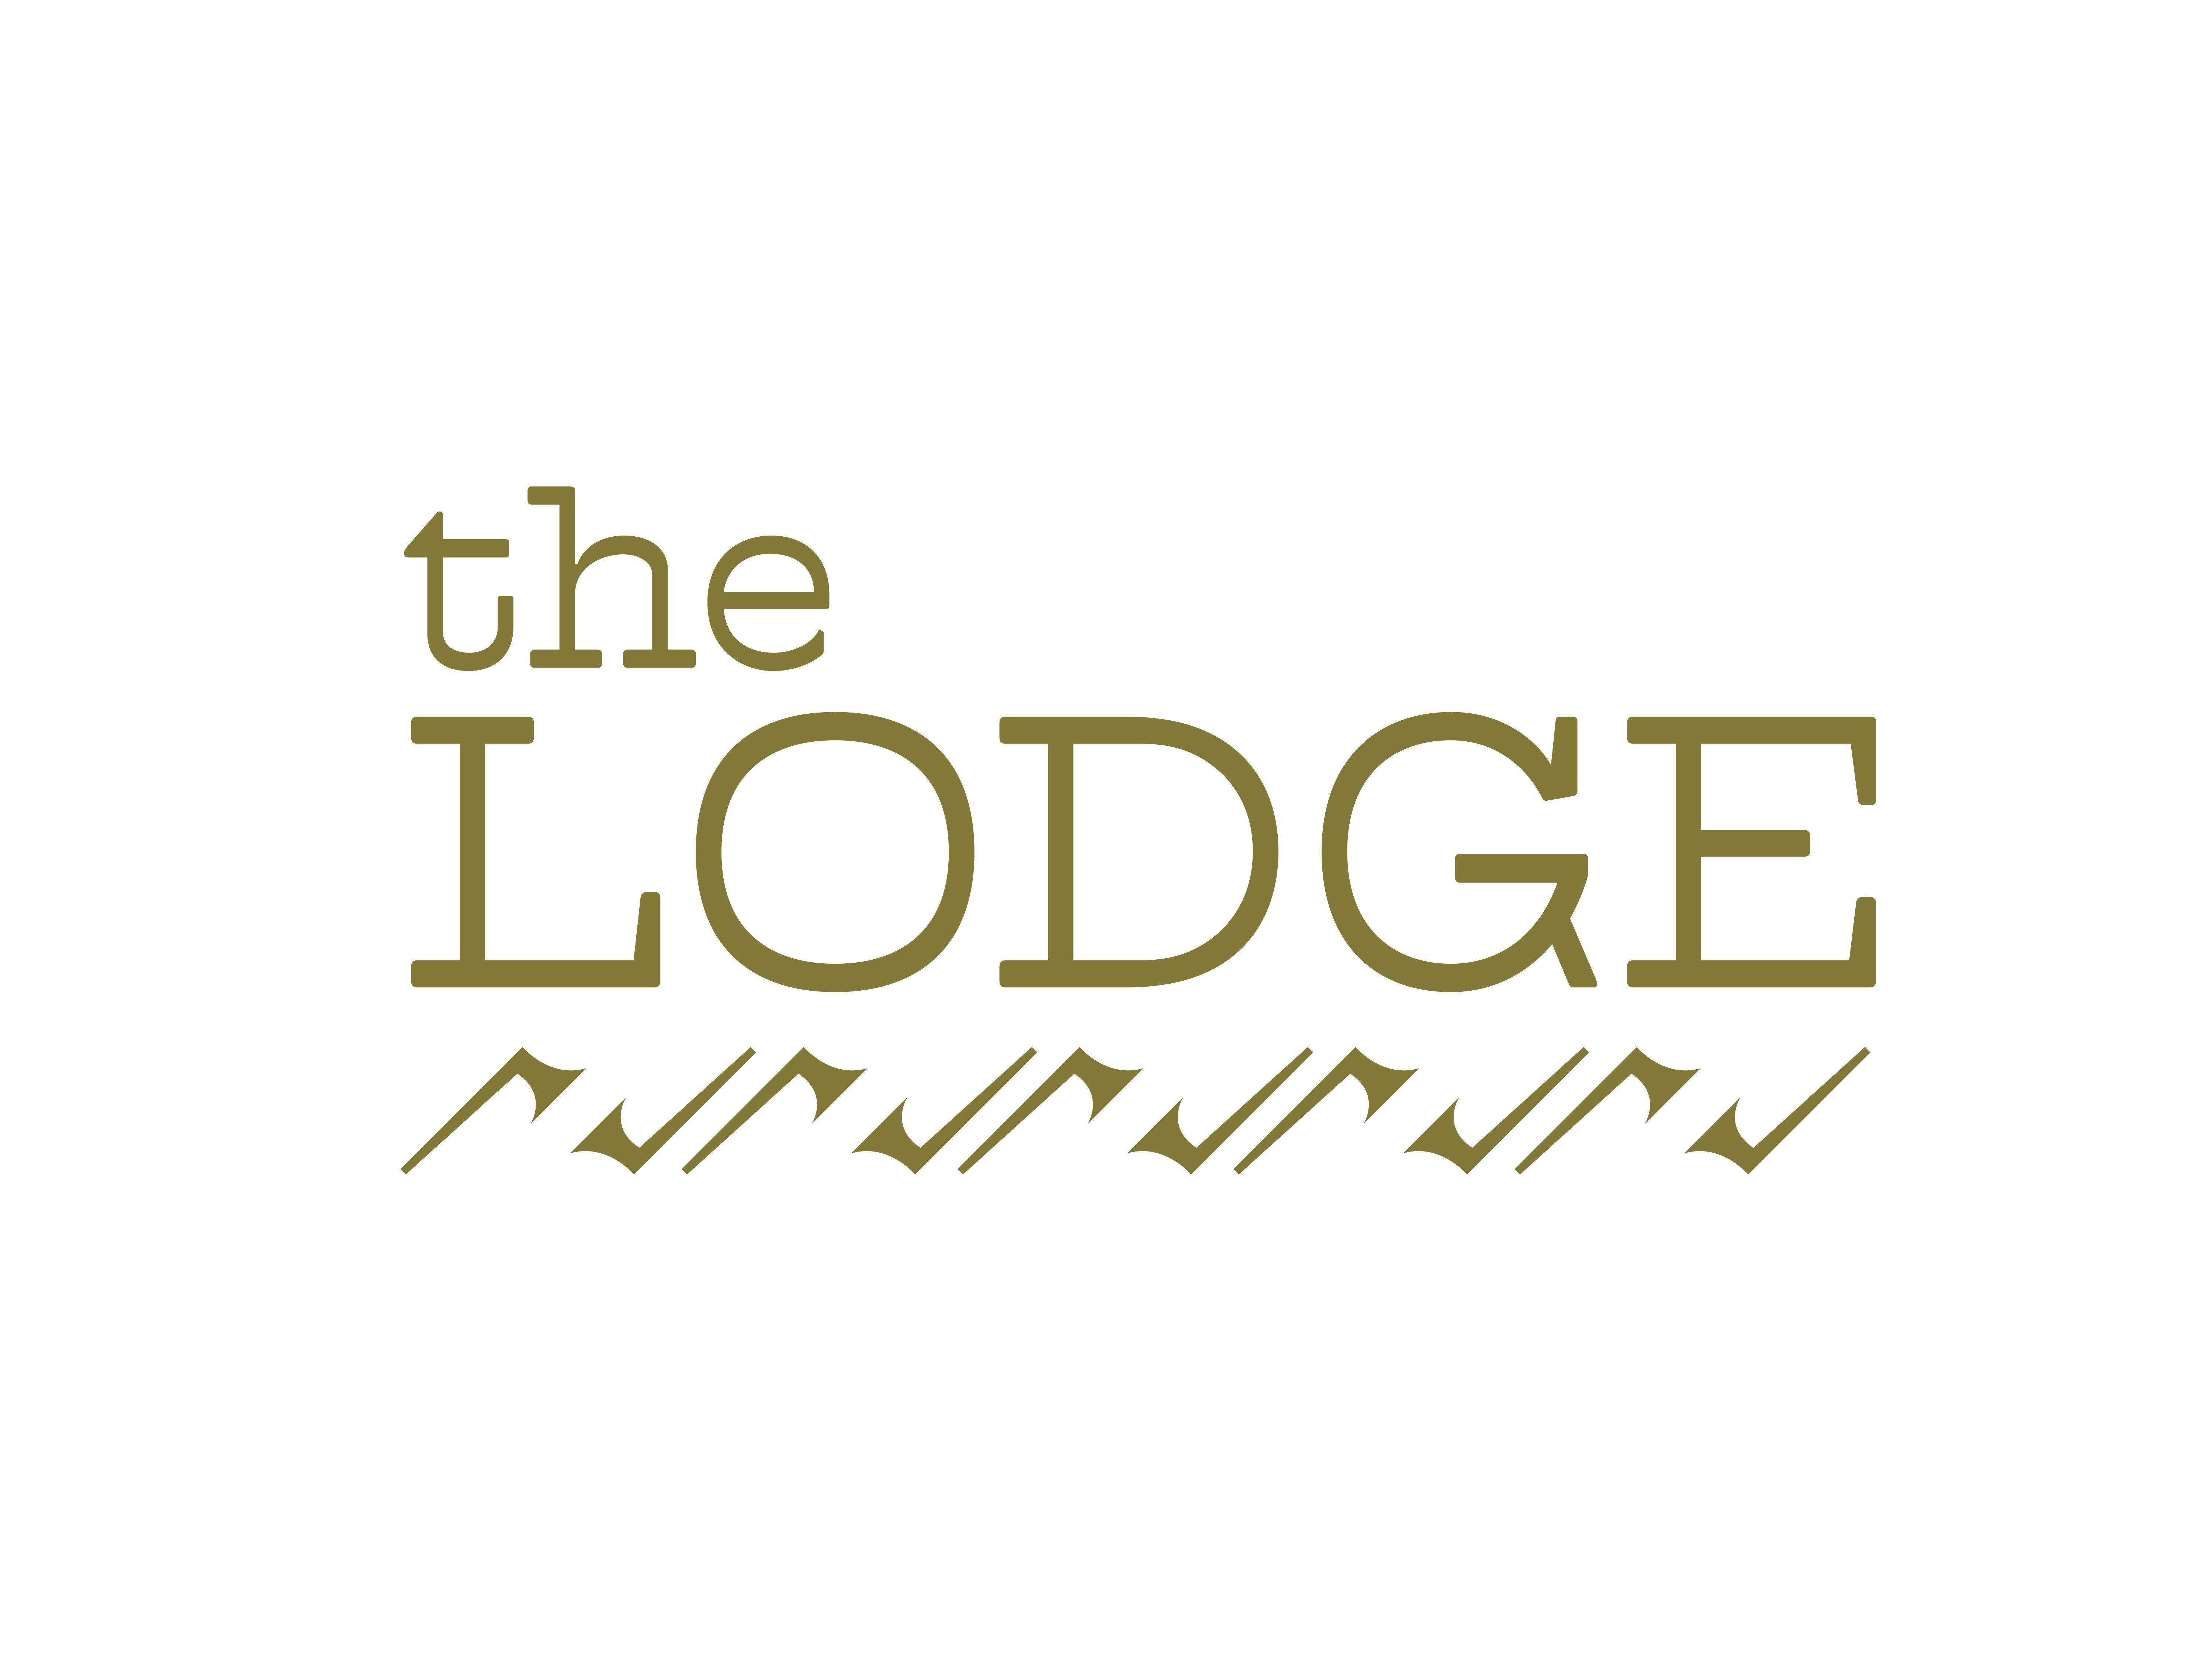 Thelodge logo 02